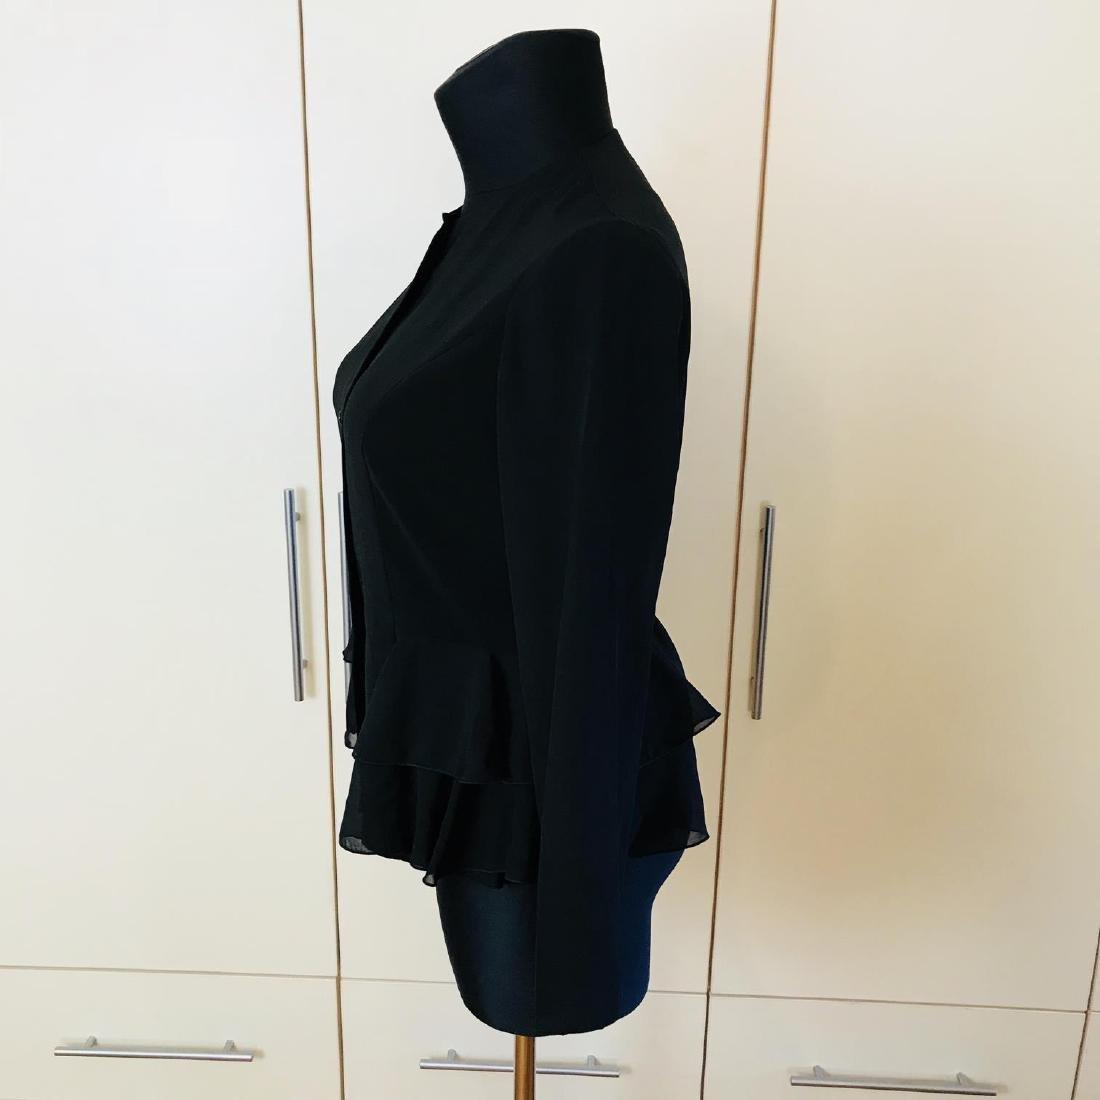 Vintage Women's Black Blouse Shirt Top Size EUR 40 US - 4